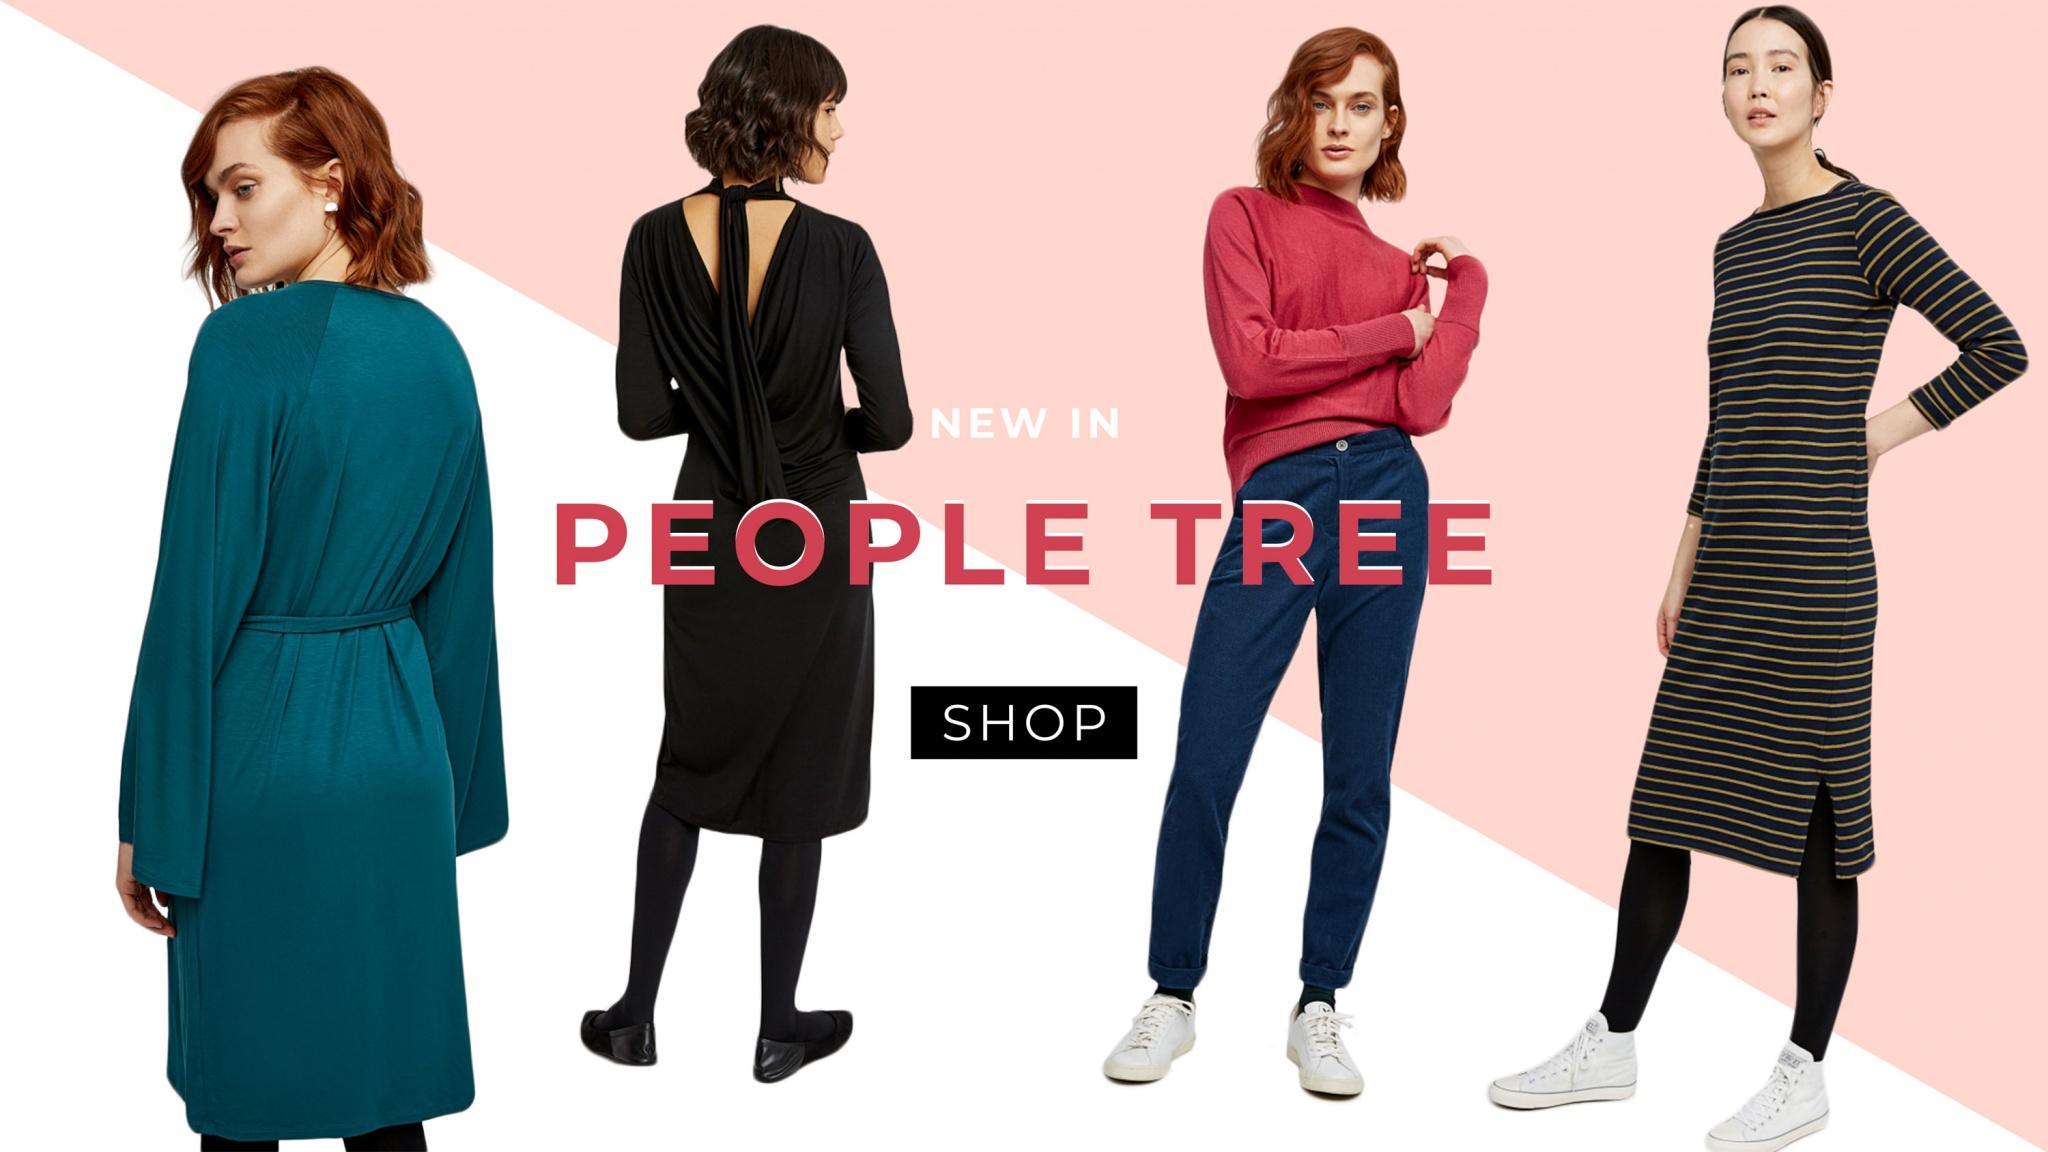 Nyheter från People Tree